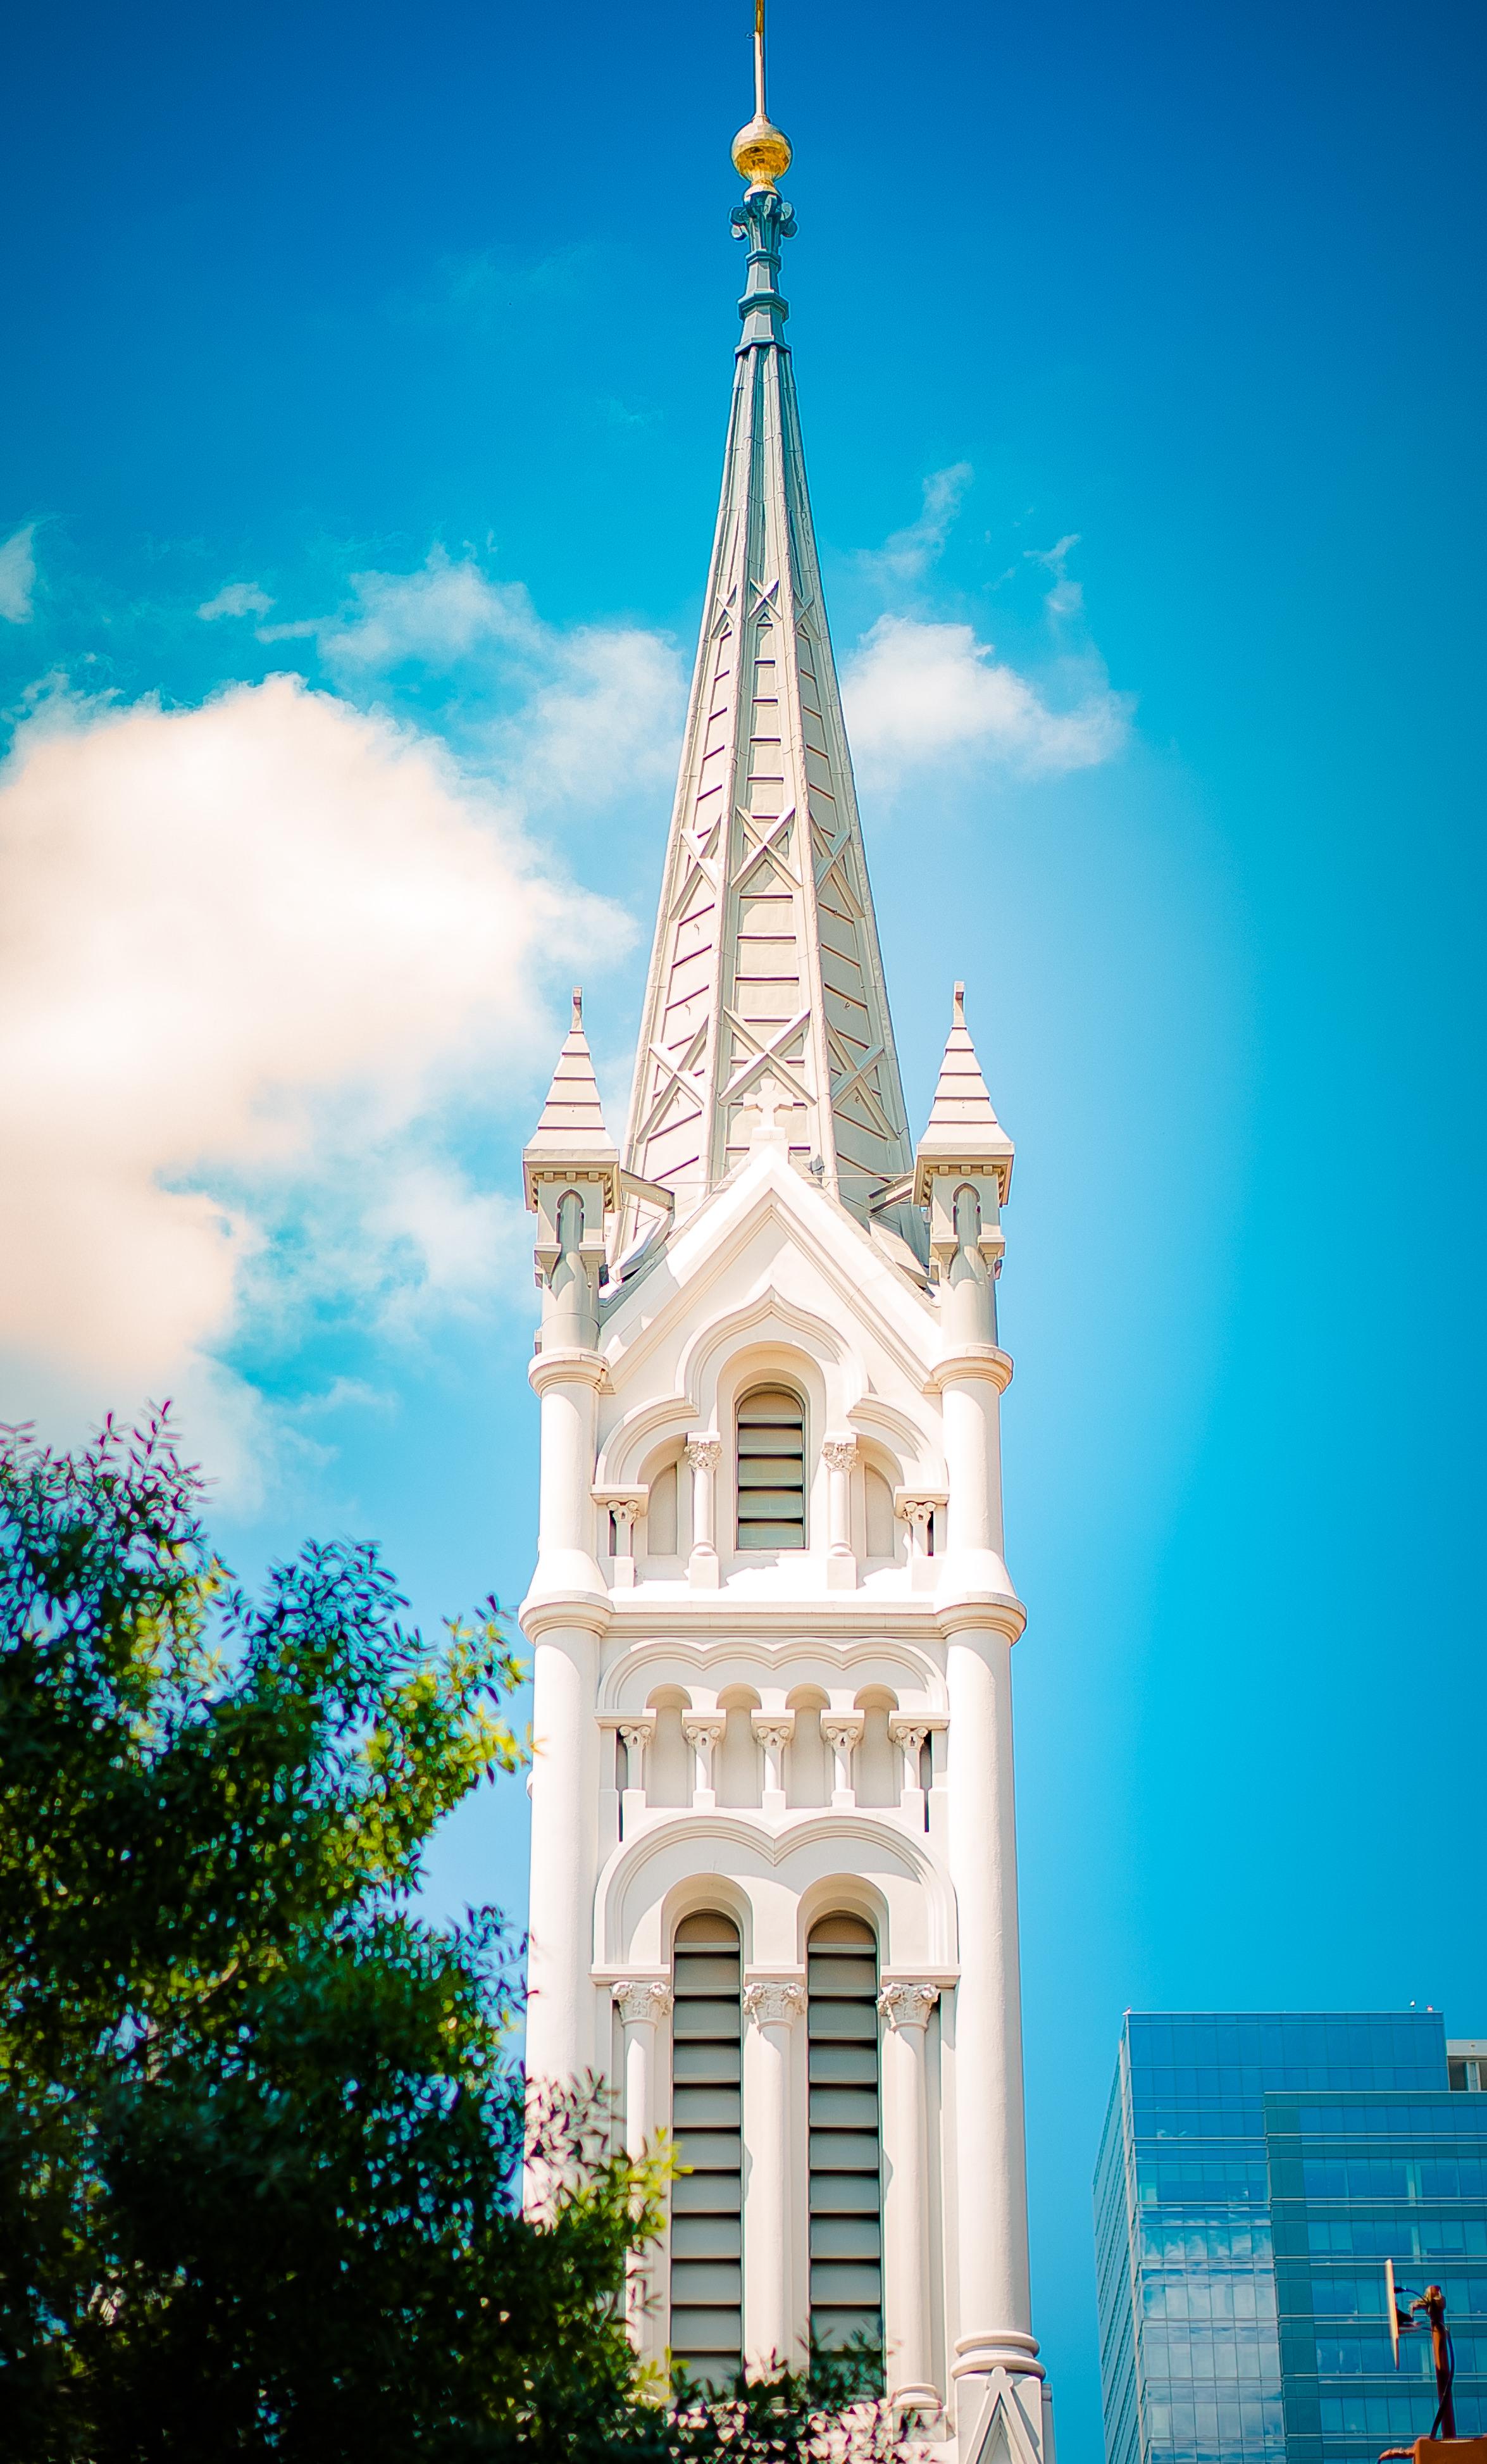 Gerritt Tisdale Houston 2016 Church (1 of 1).JPG